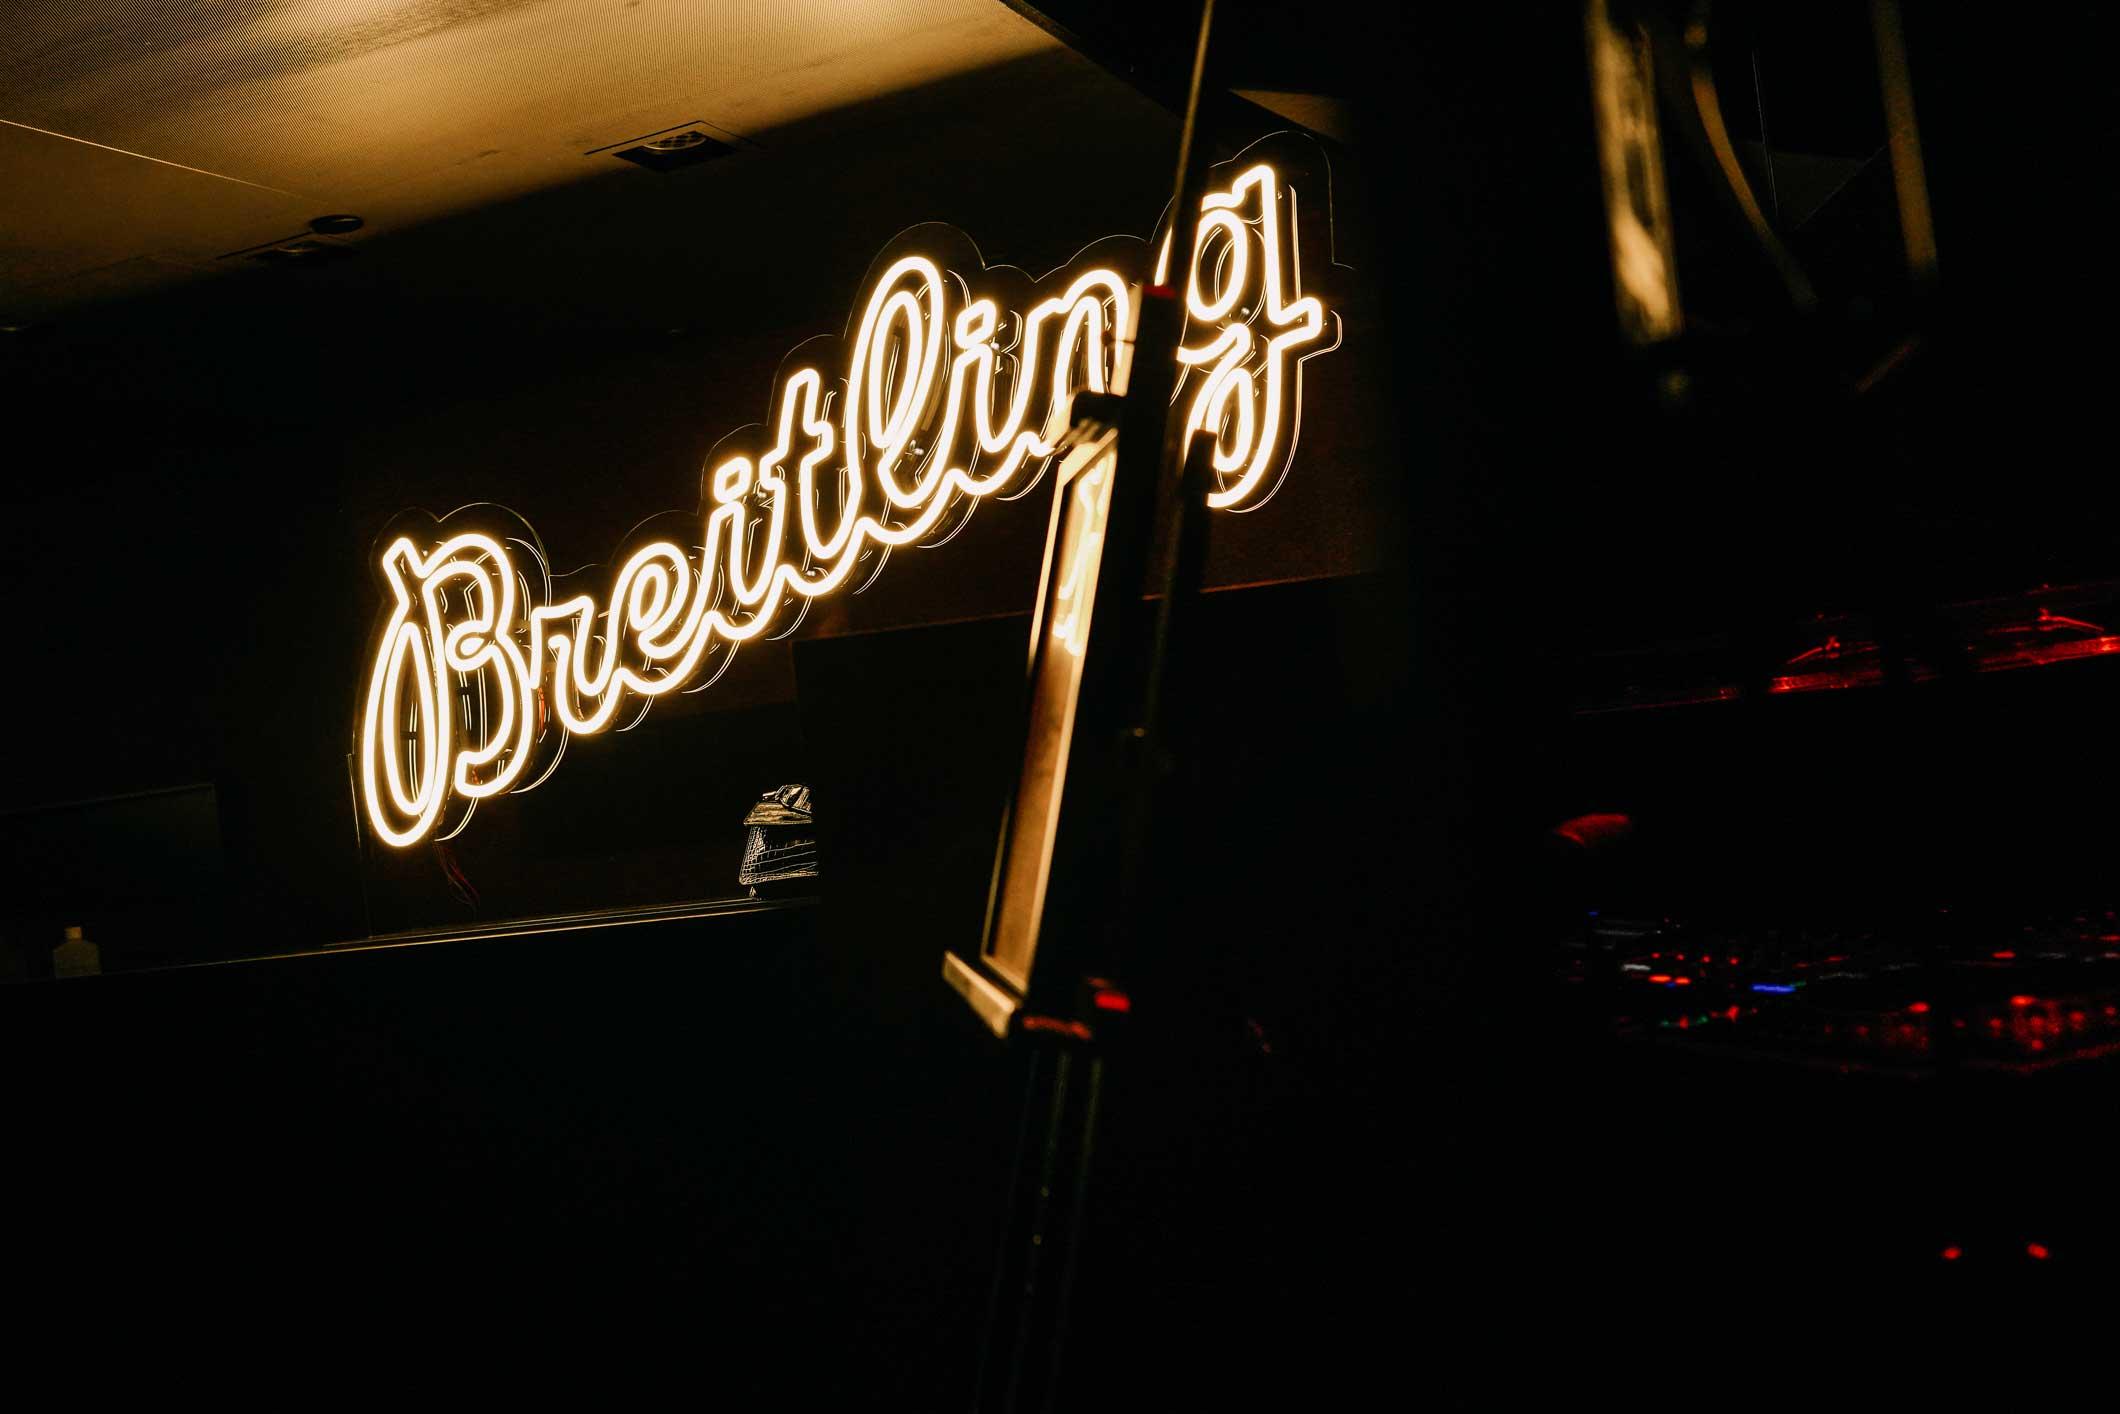 Breitling_Taiko_Ilsoo_van_Dijk_171022019_conservatorium-04191